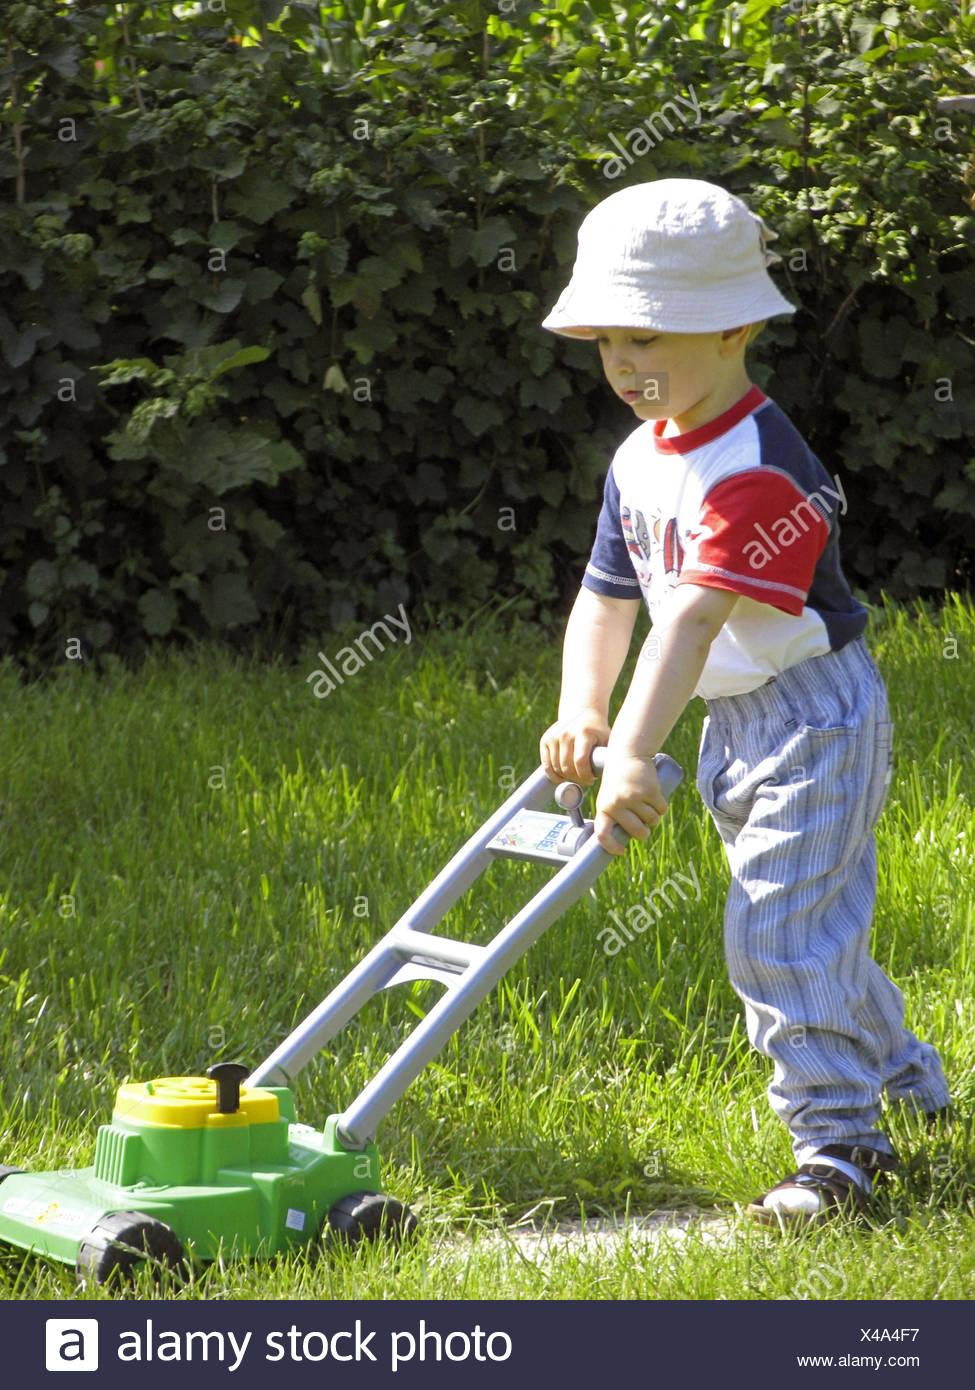 garten junge rasenmaeher kind kindheit kinderrasenmaeher spielzeug